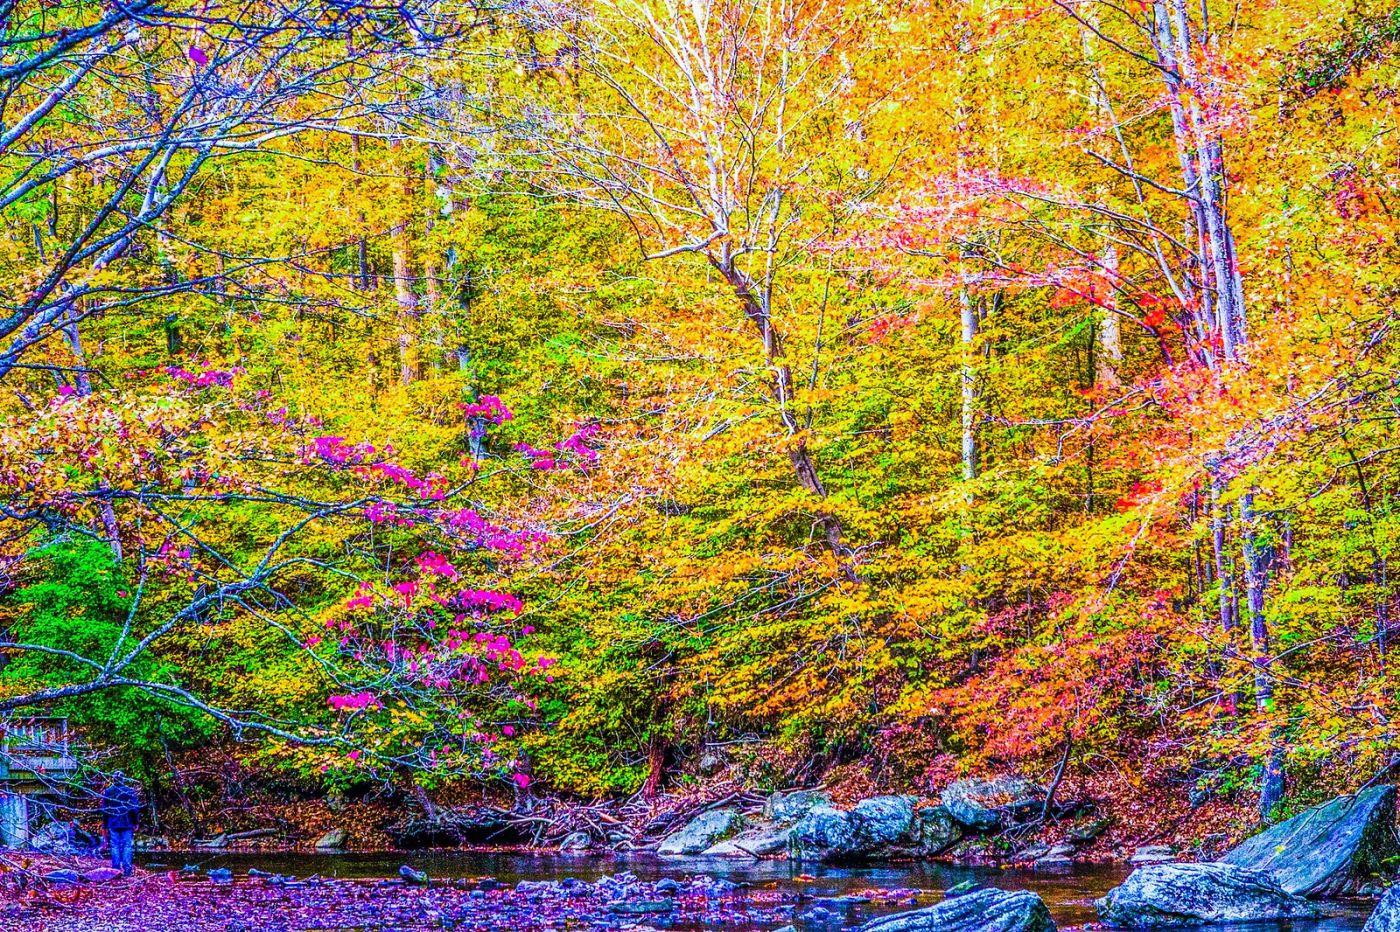 宾州雷德利克里克公园(Ridley creek park),如梦的画面_图1-24